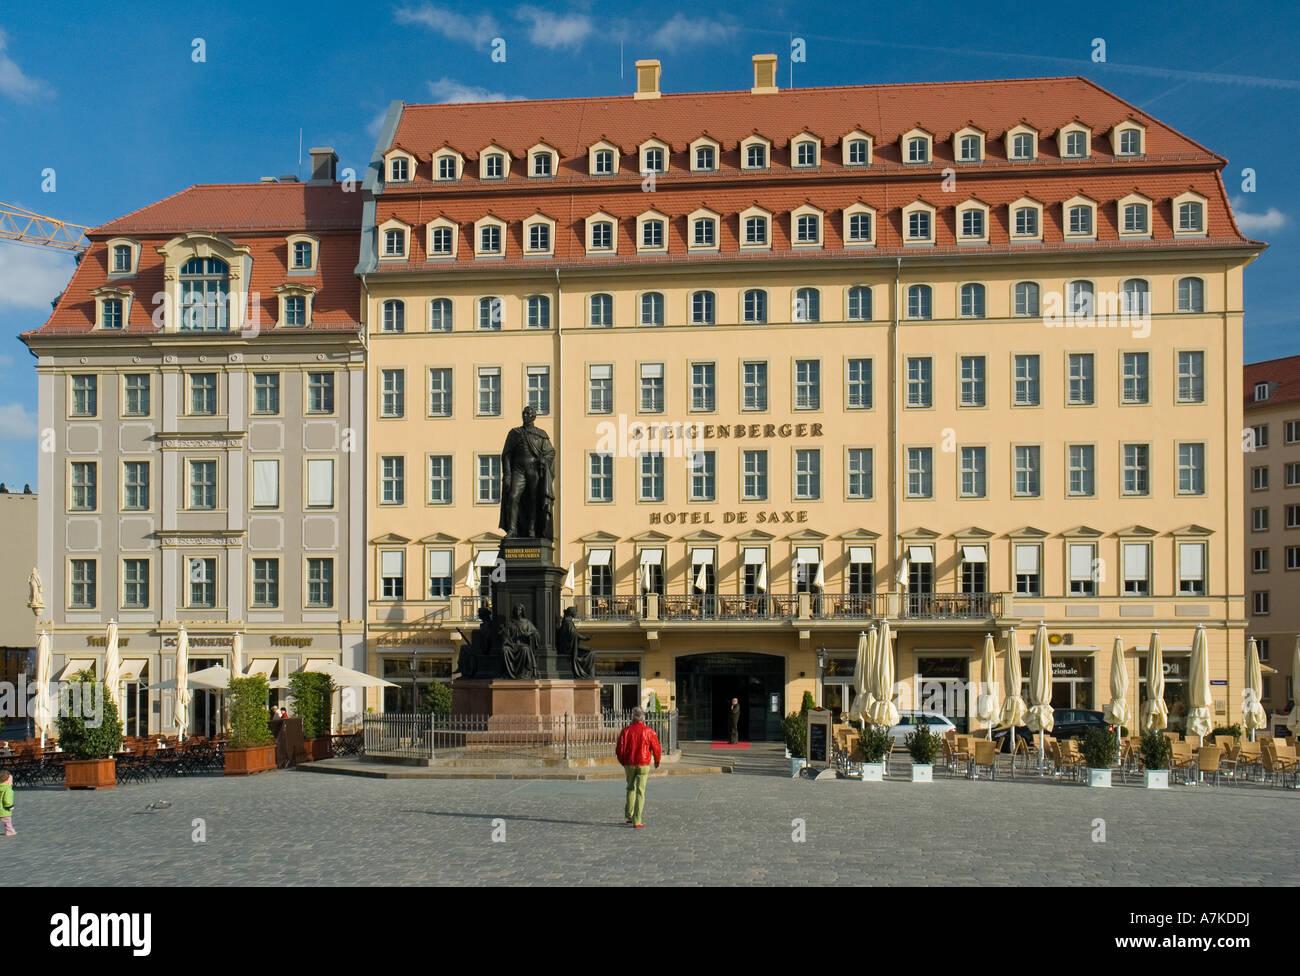 Steigenberger Hotel De Saxe In Dresden